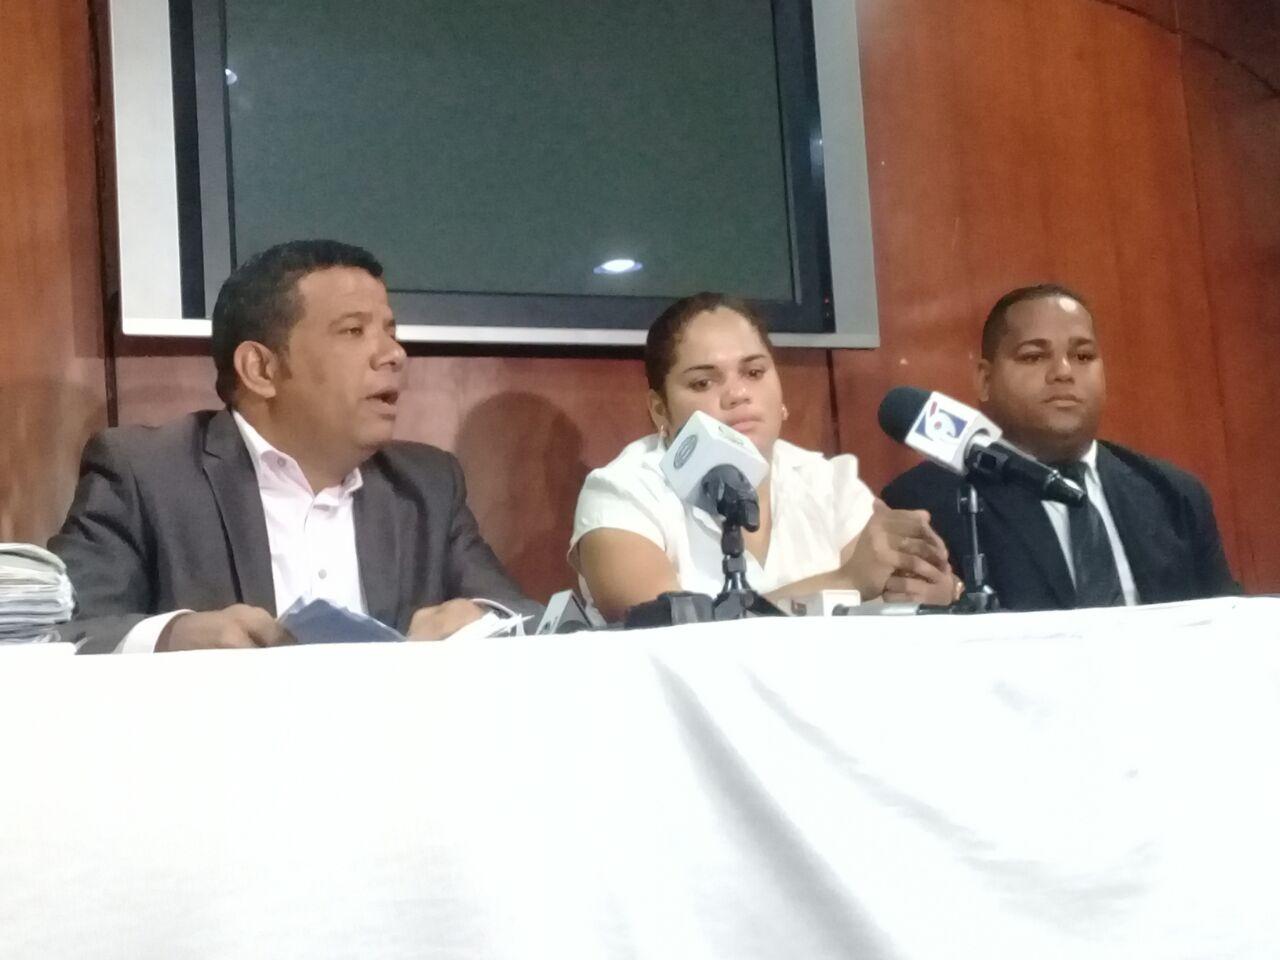 Mujer que puso querella a ex esposo, acusa de negligencia a fiscalía de Azua